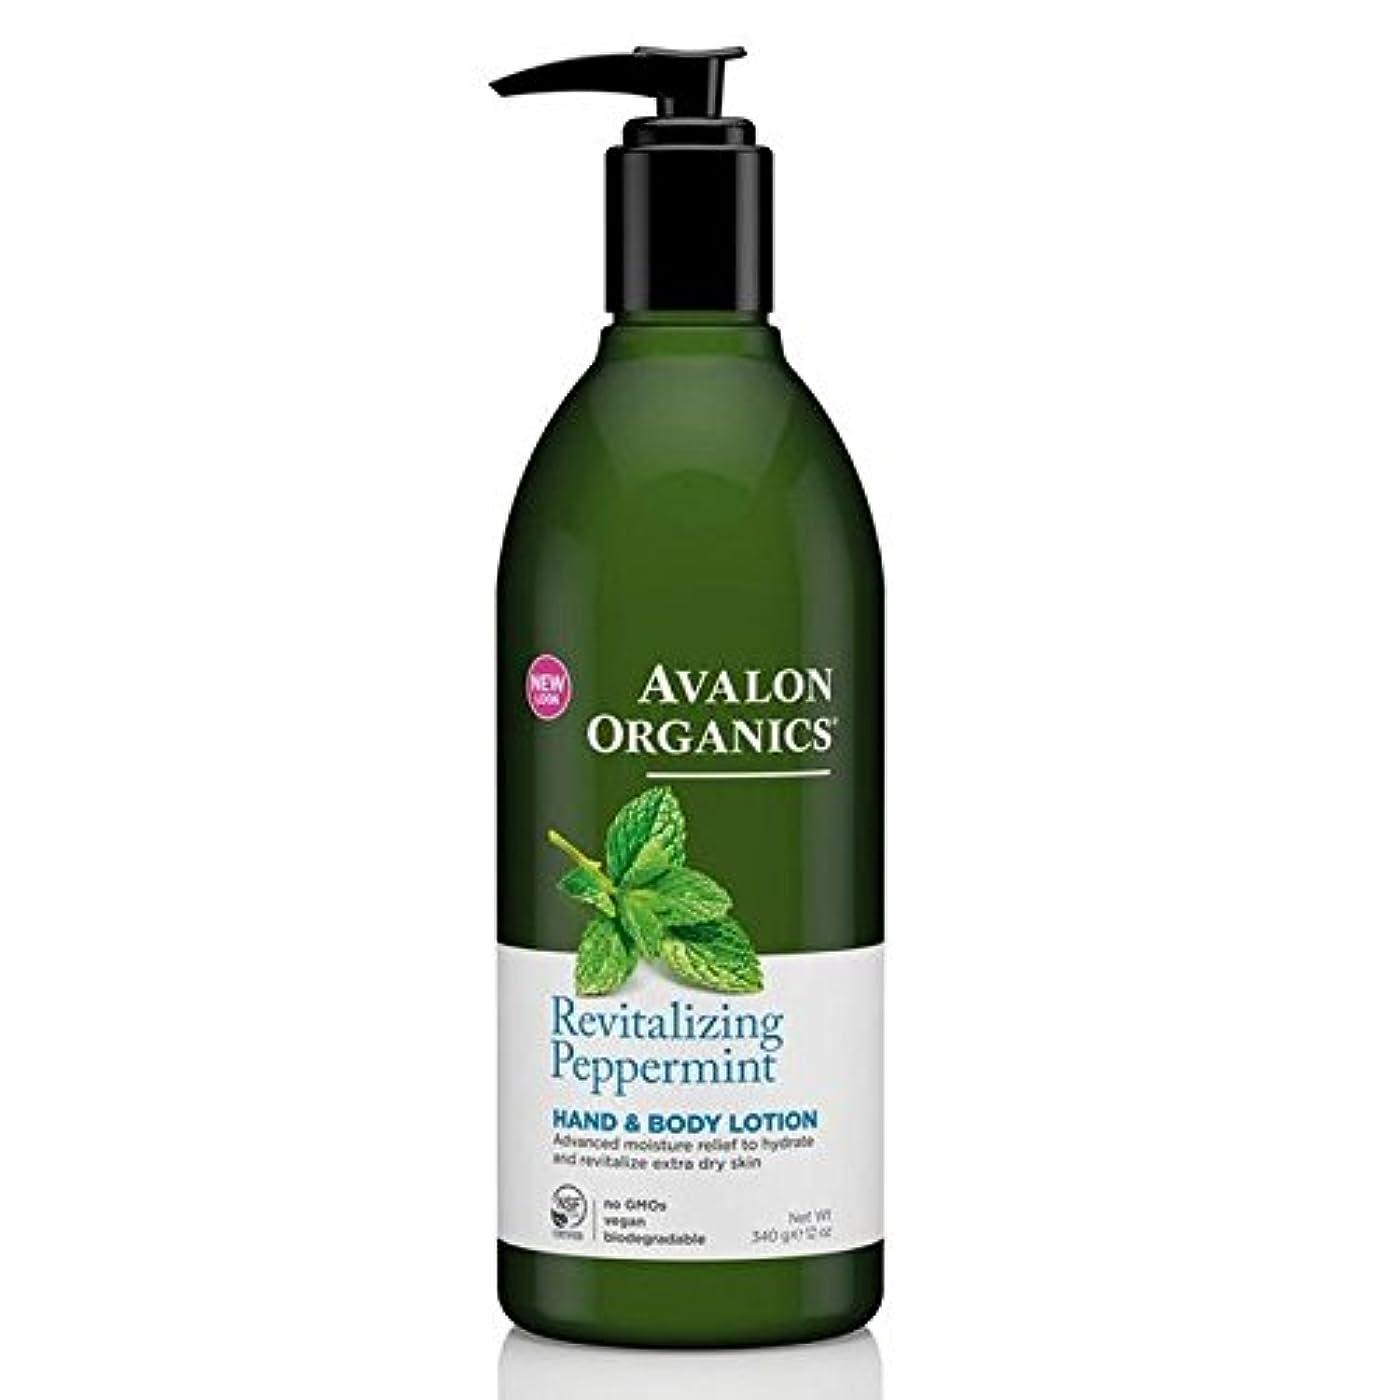 スクラブありふれた敷居Avalon Peppermint Hand & Body Lotion 340g - (Avalon) ペパーミントハンド&ボディローション340グラム [並行輸入品]